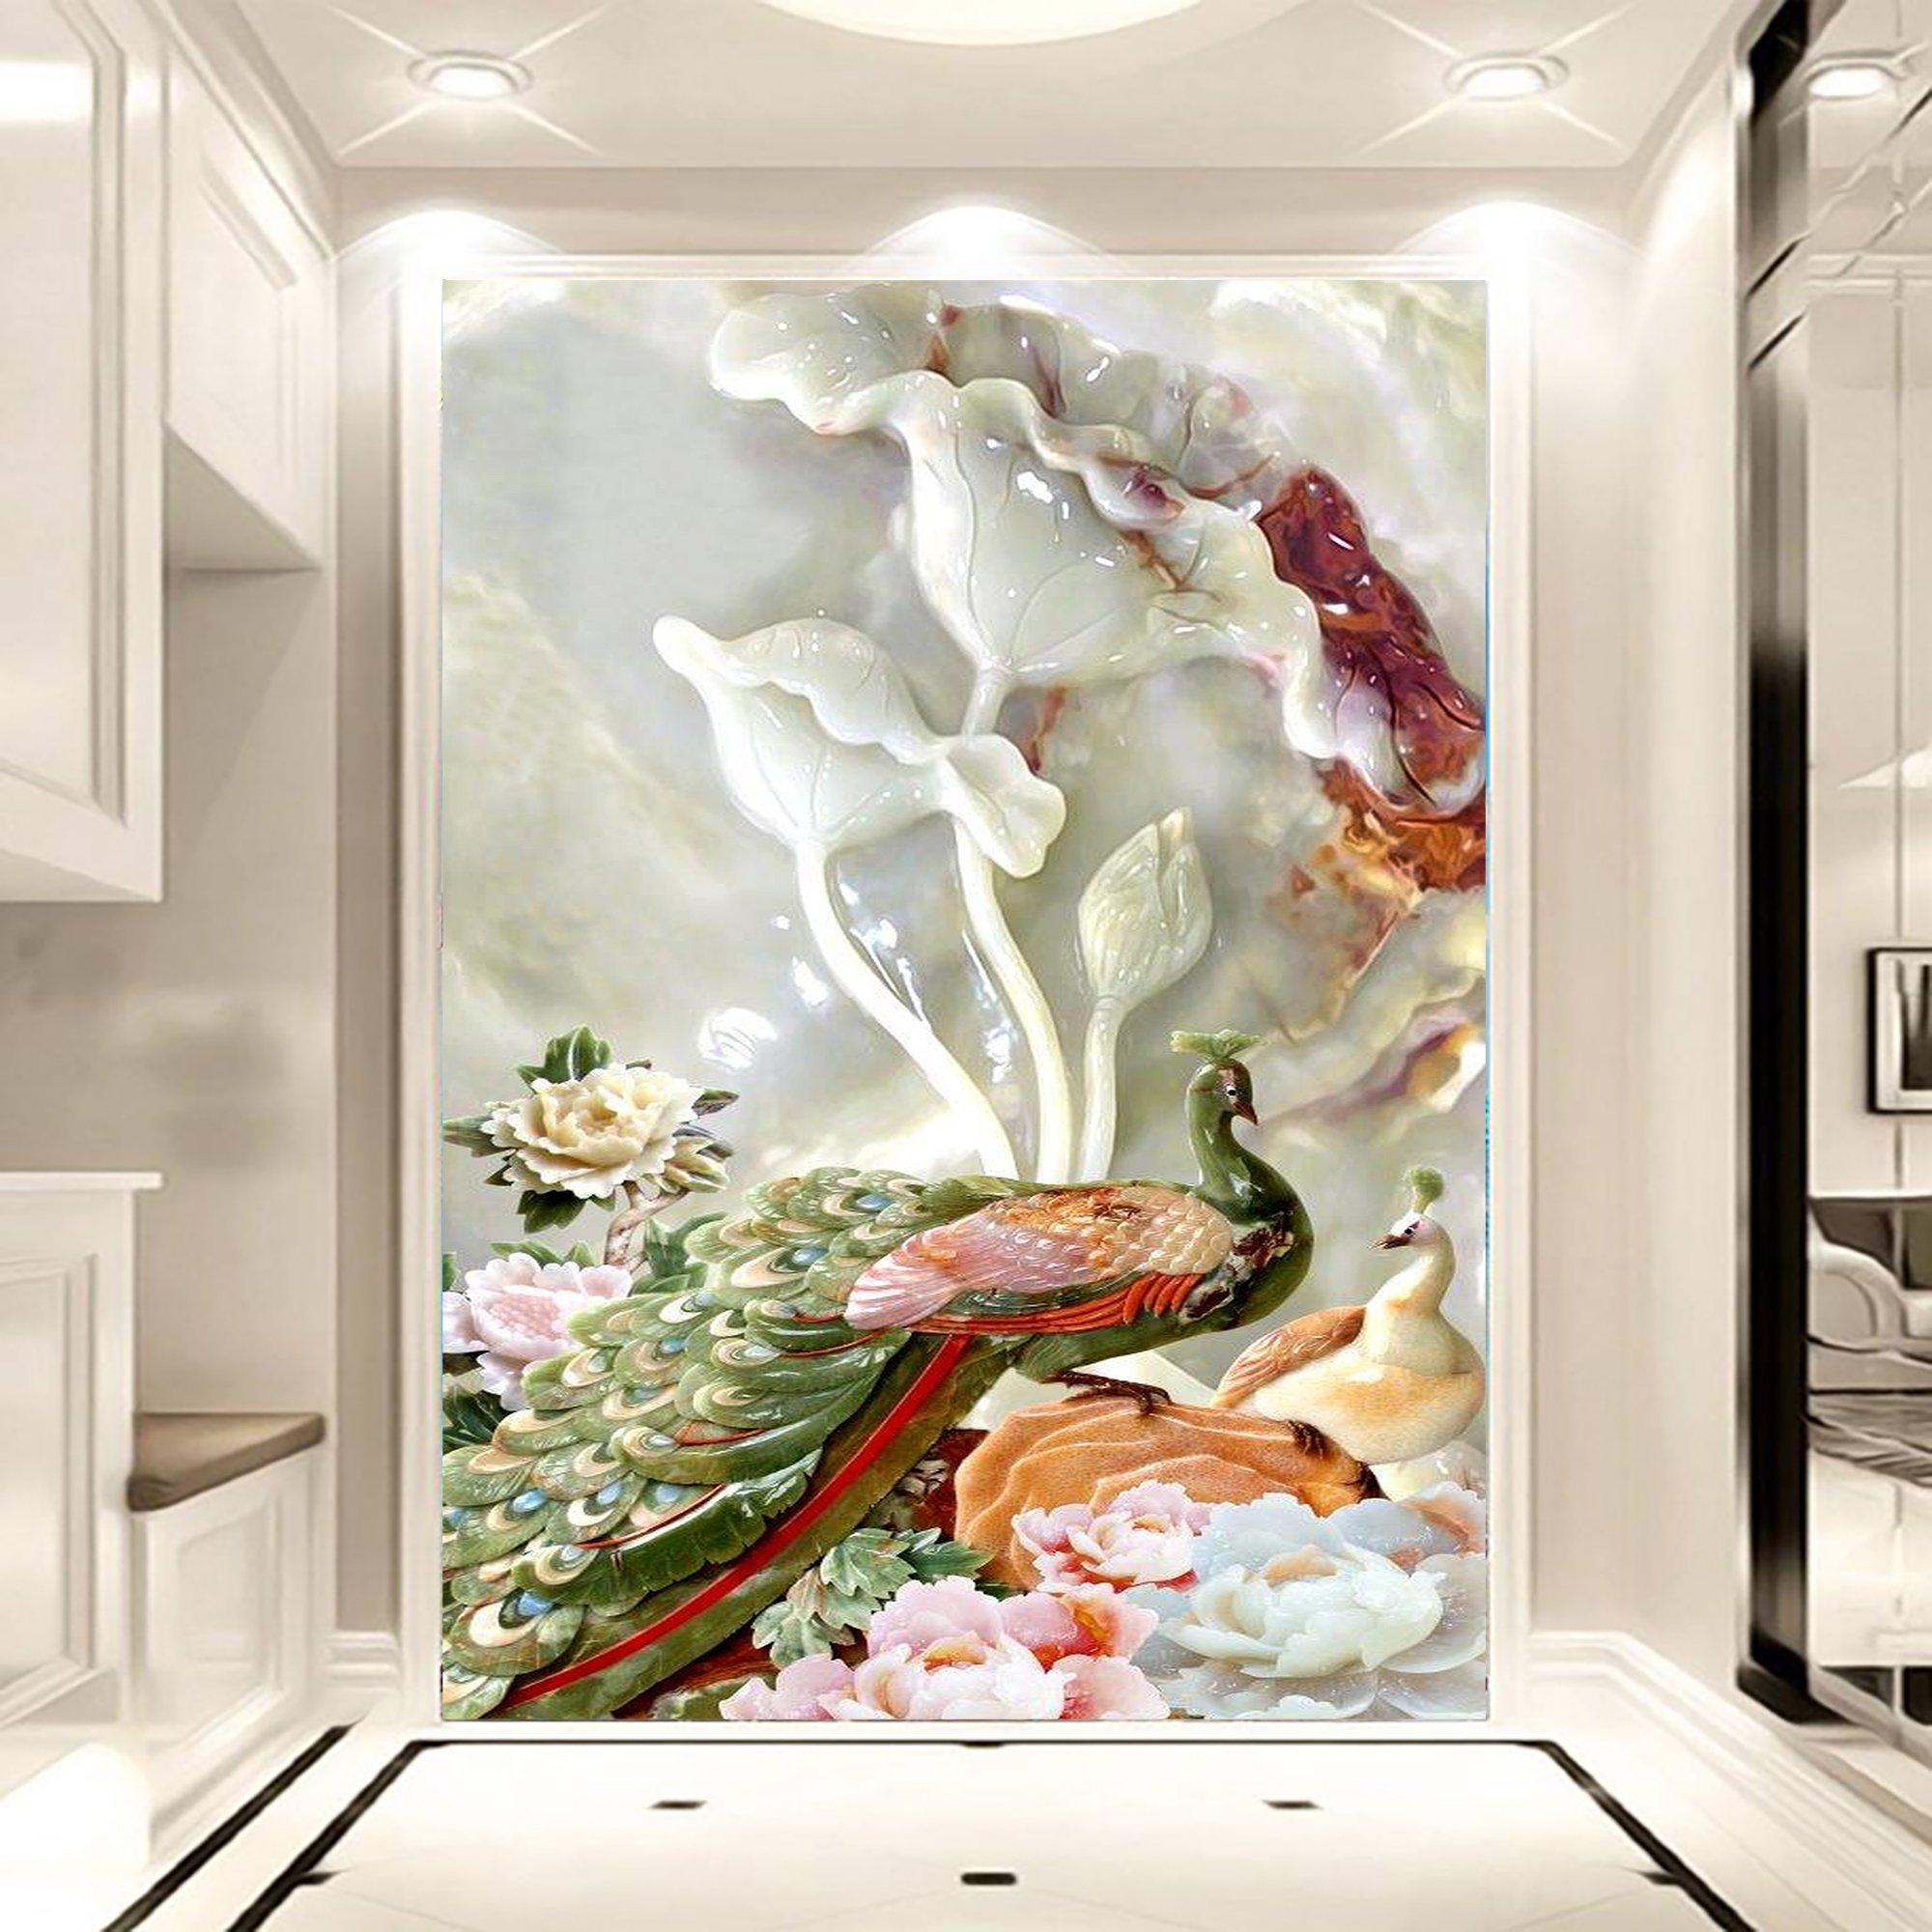 Tranh dán tường đôi công và hoa bằn ngọc 3D